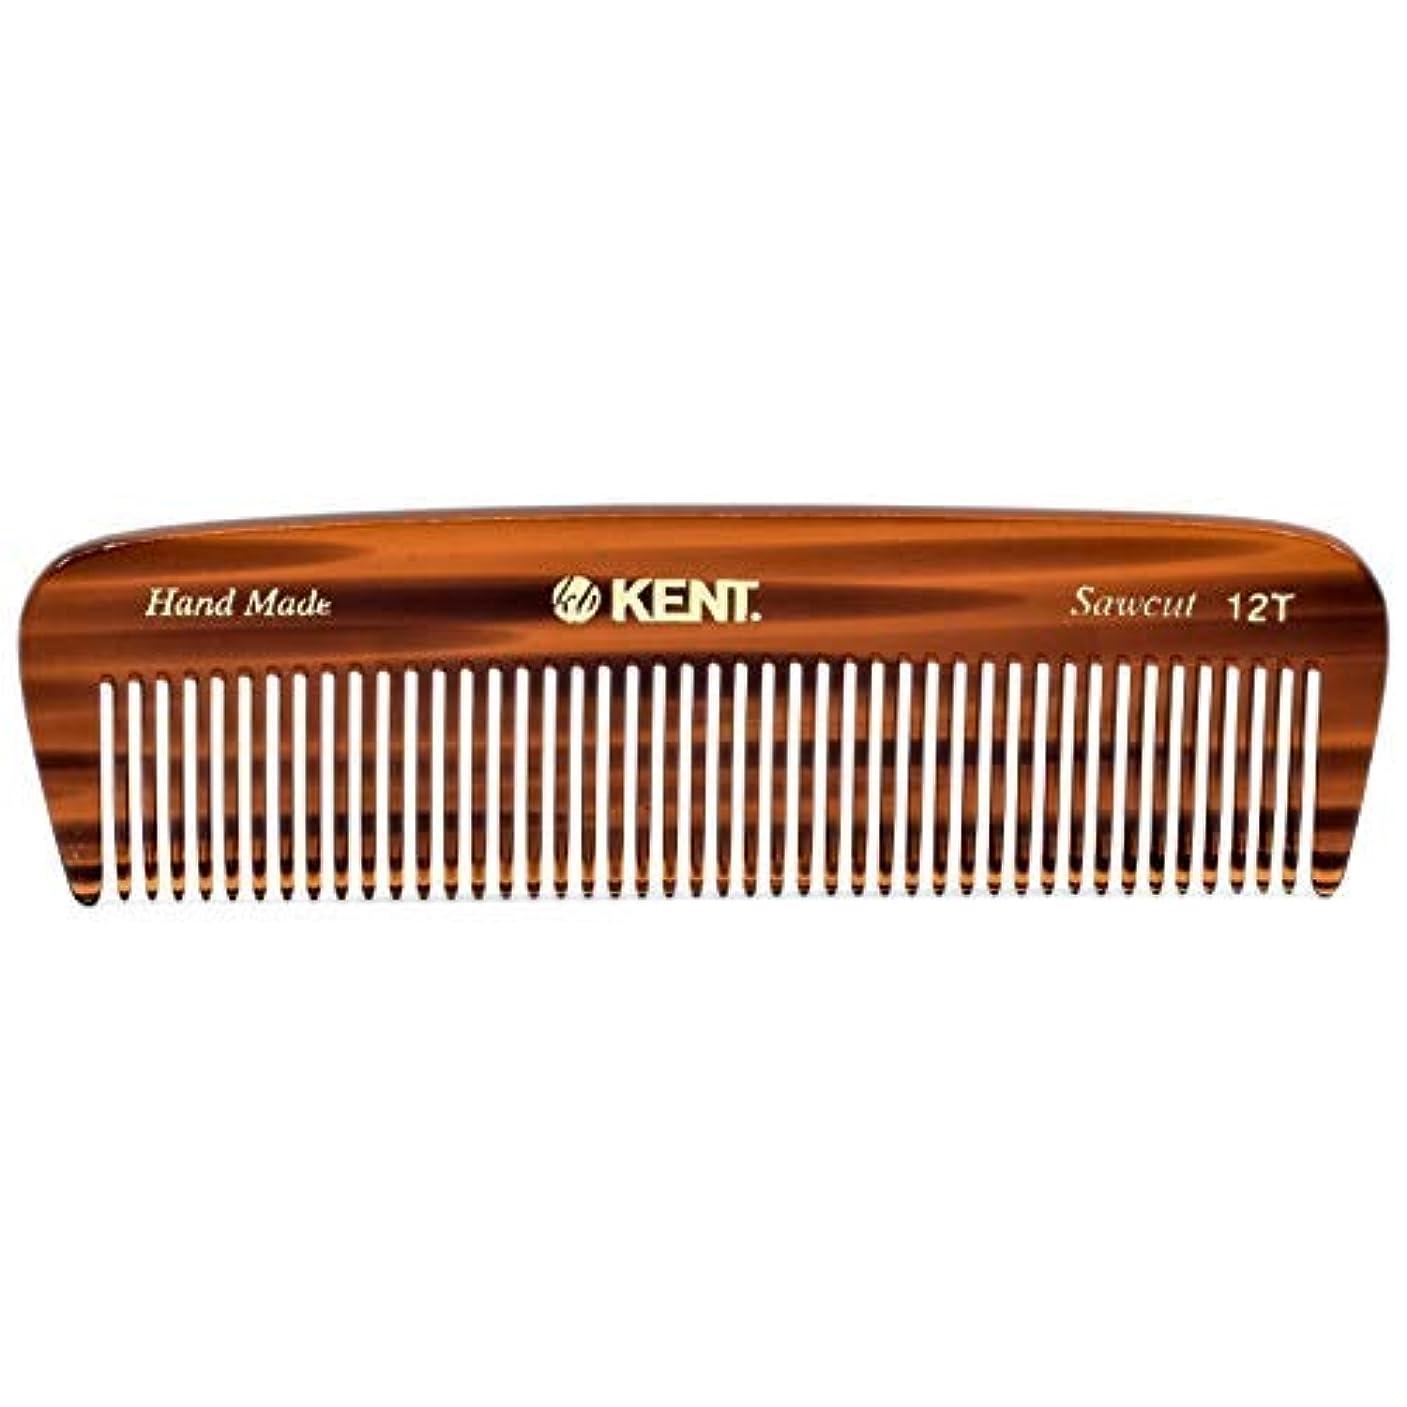 恒久的移動する回復Kent 12T Handmade Medium Size Teeth for Thick/Coarse Hair Comb for Men/Women - For Grooming, Styling, and Detangling...